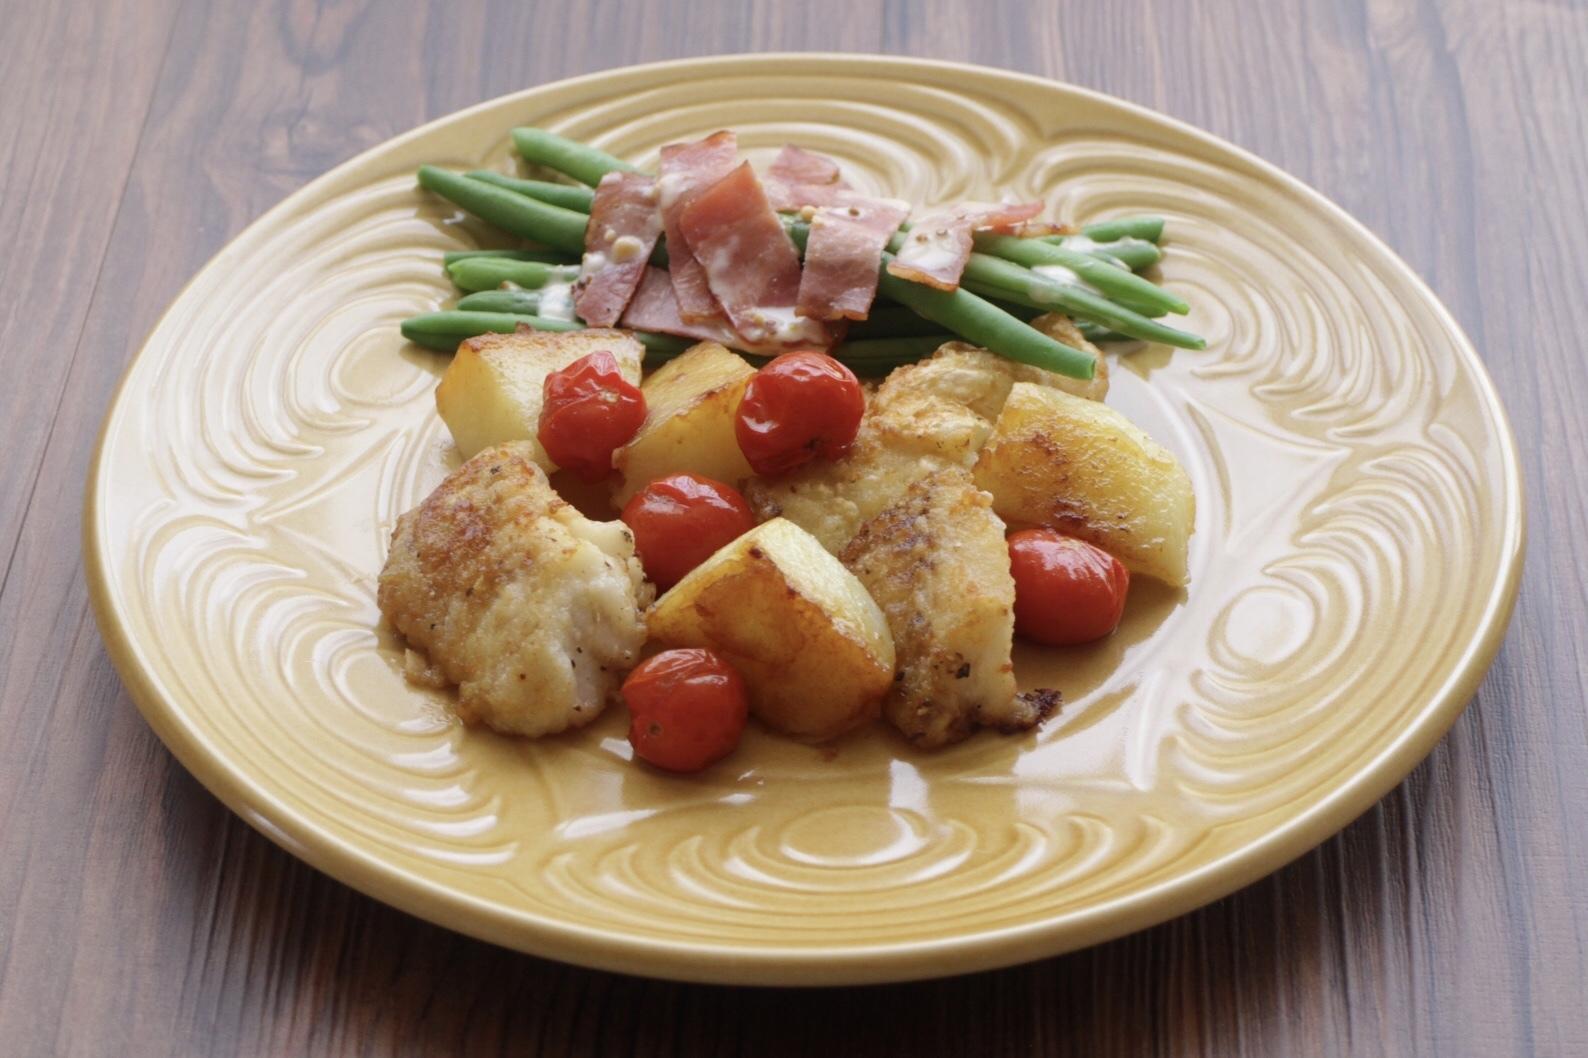 タラとトマトとジャガイモのソテー_f0220354_15152756.jpeg